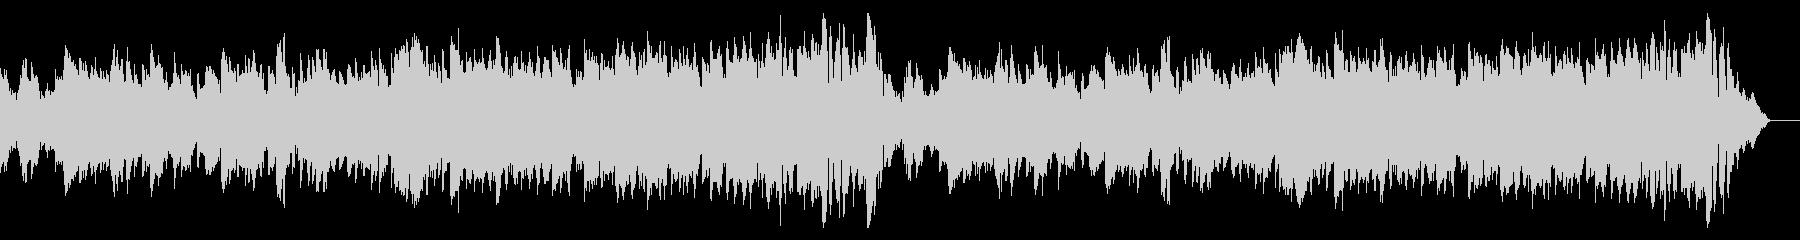 感動系のピアノバラードの未再生の波形